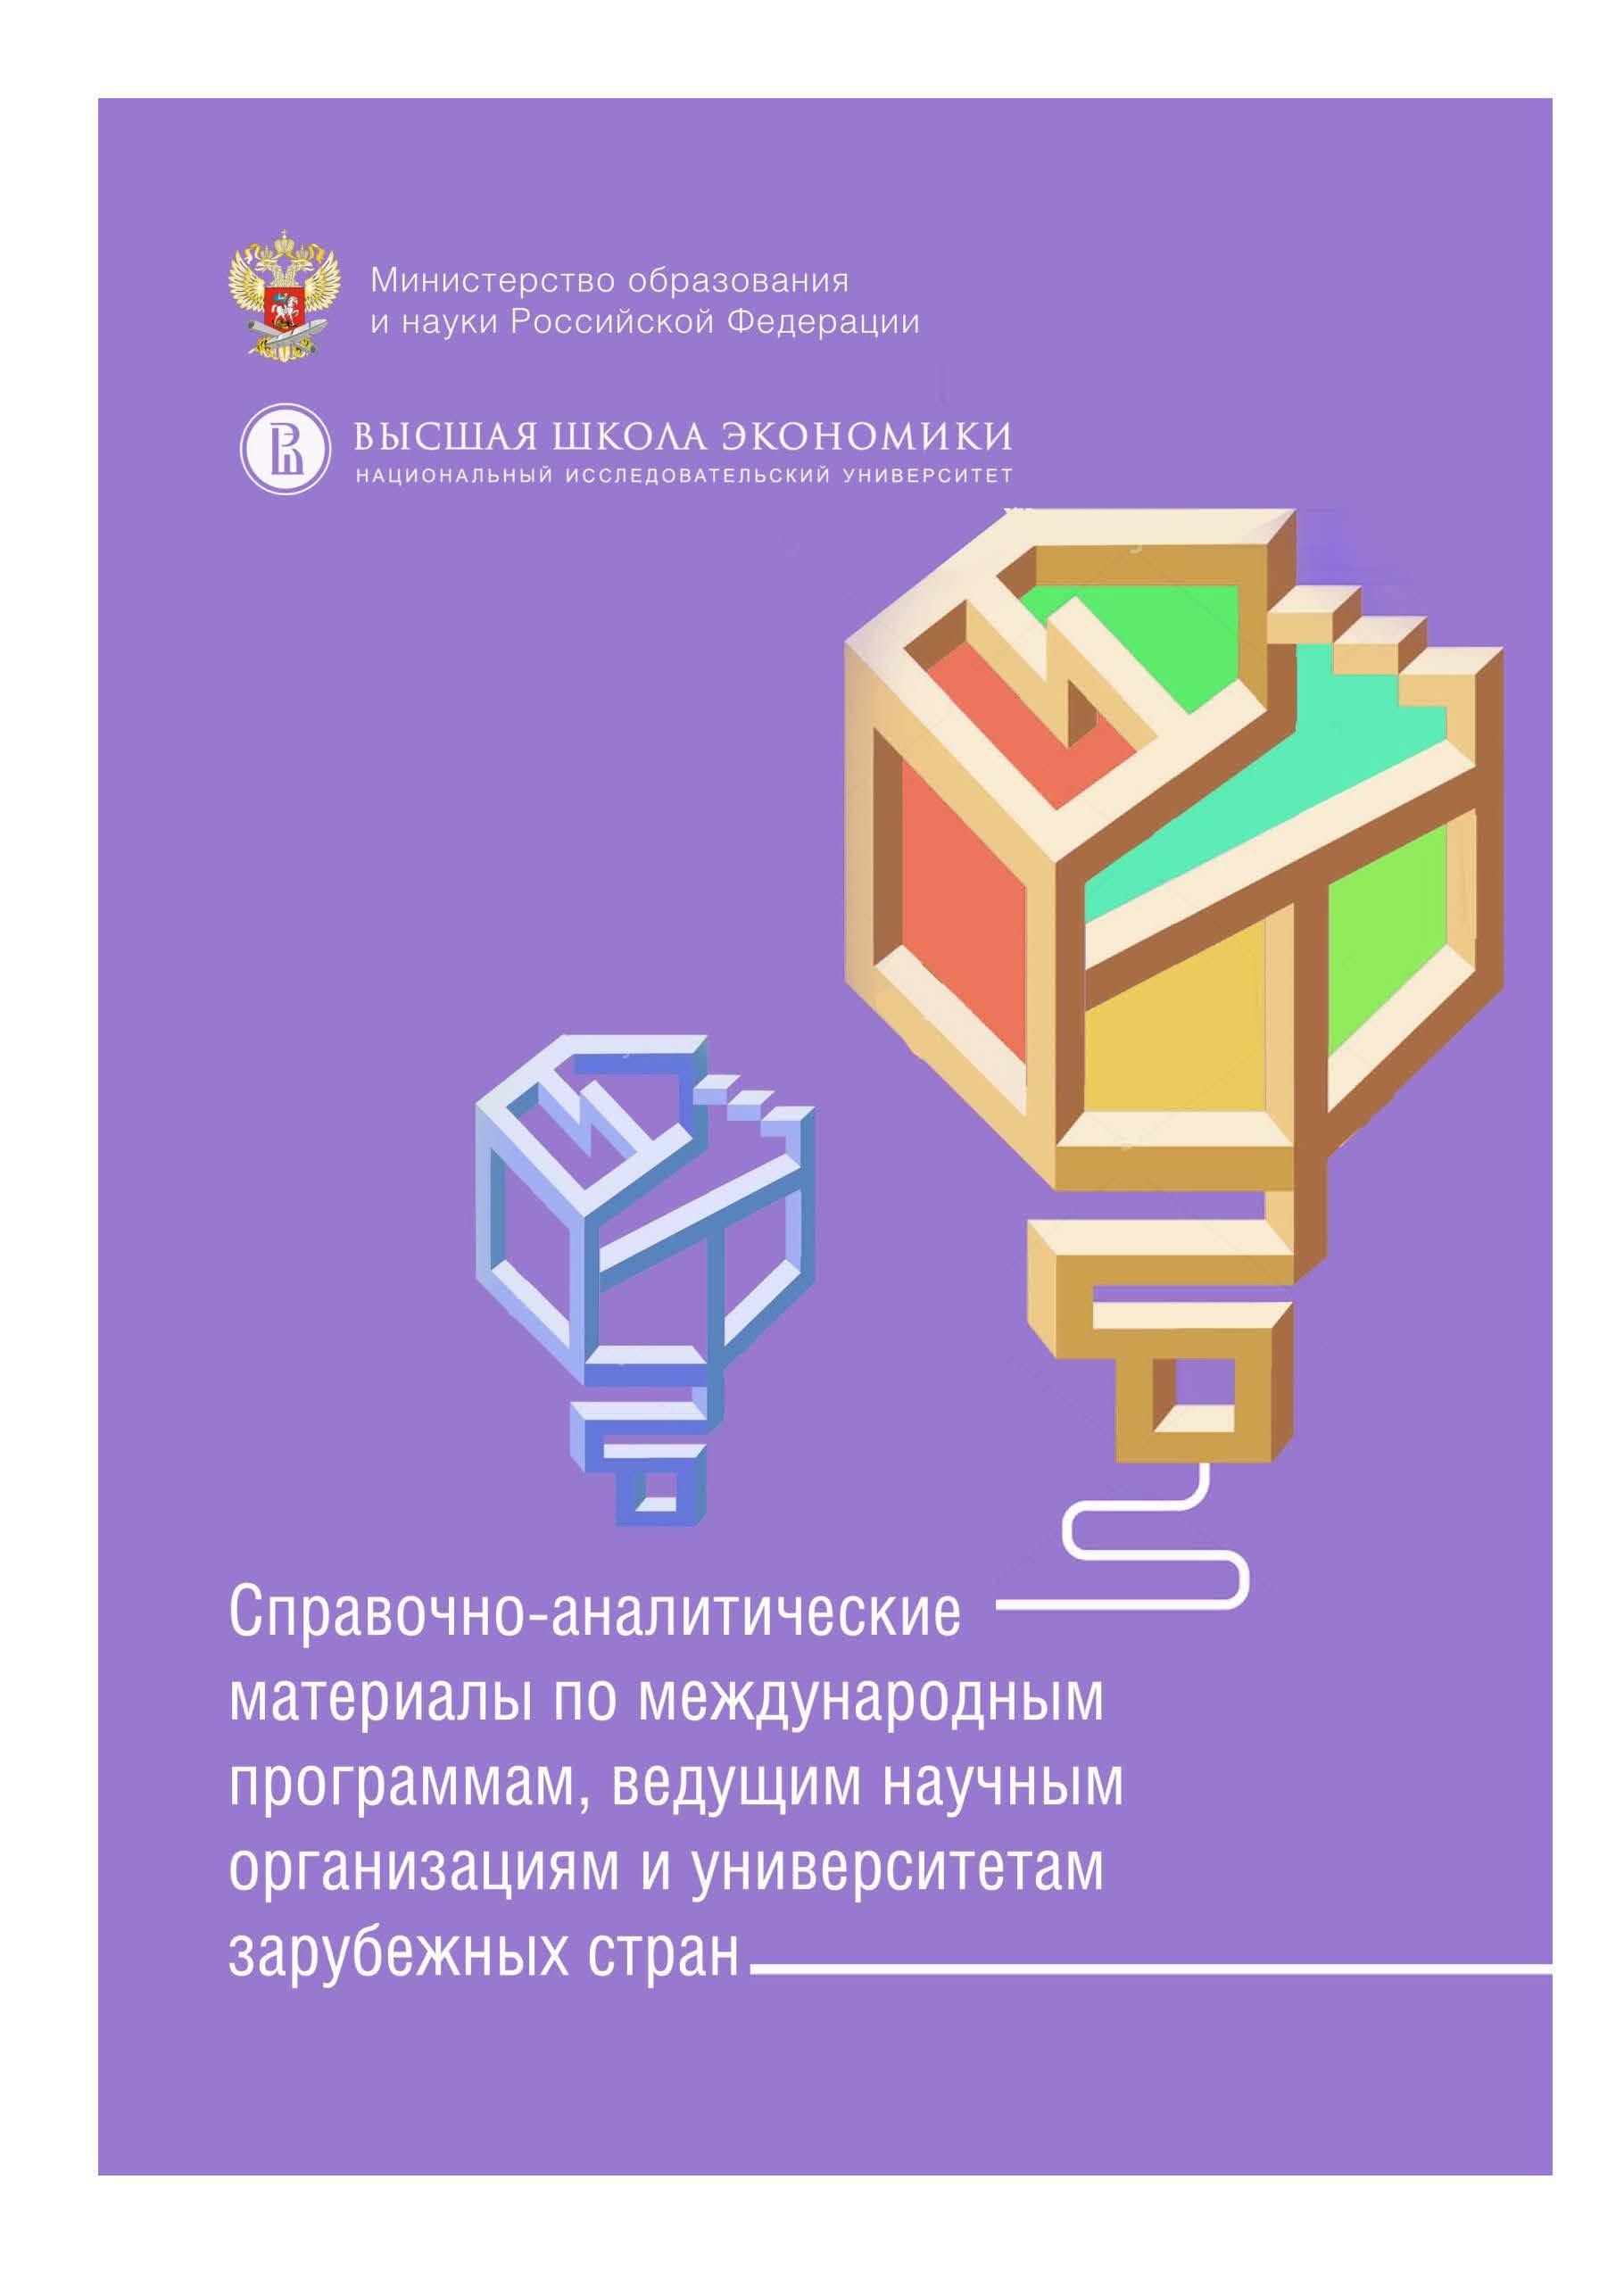 Справочно-аналитические материалы по международным программам, ведущим научным организациям и университетам зарубежных стран